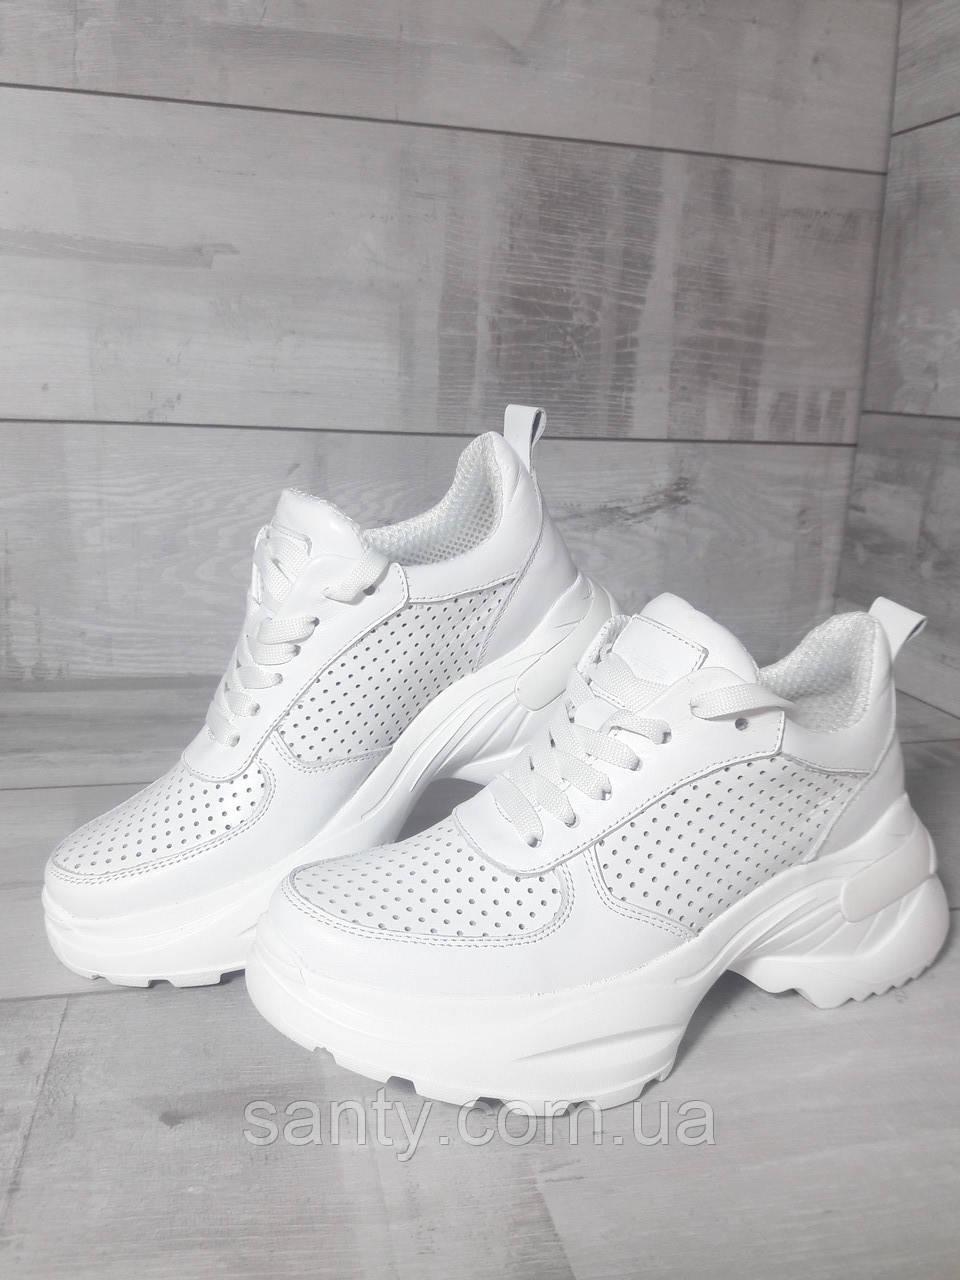 Білі масивні кросівки з натуральної шкіри. Білі масивні шкіряні кросівки.